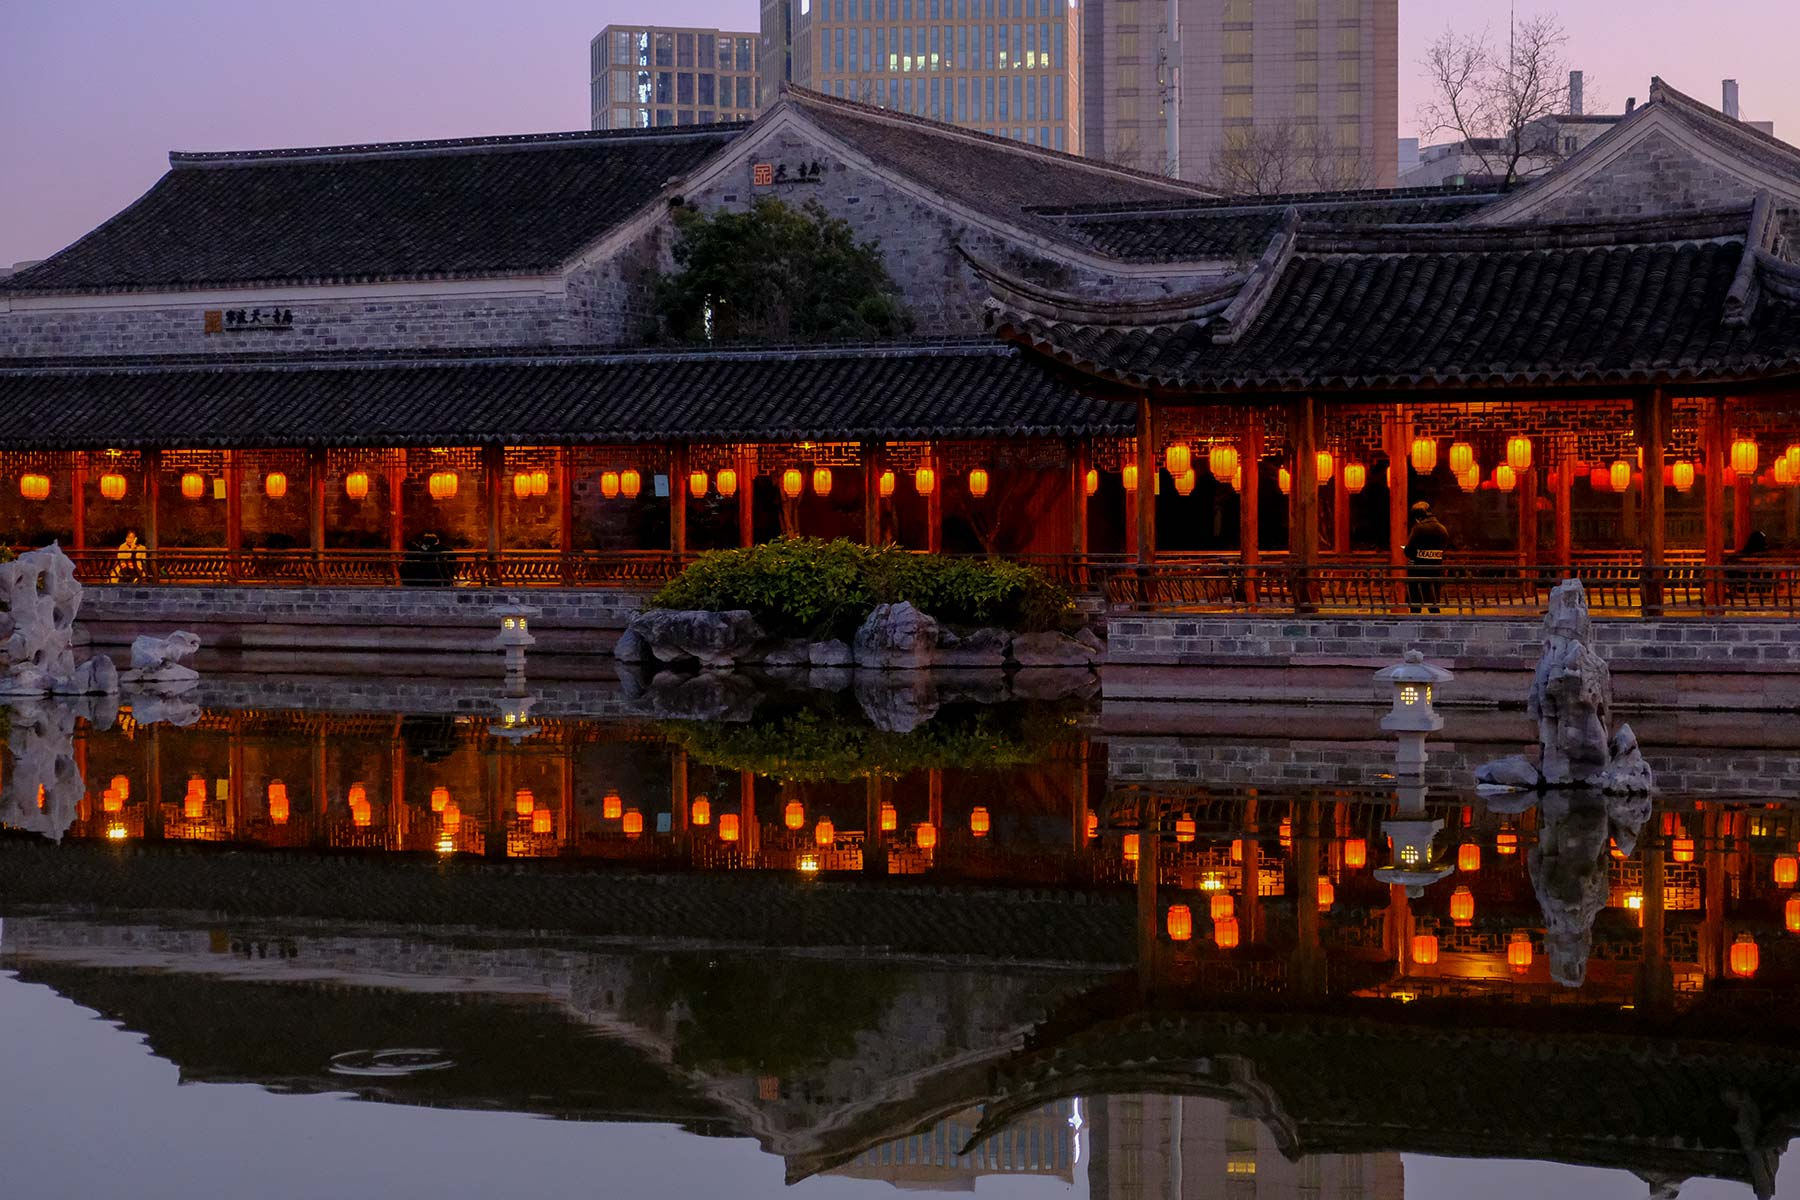 Tianyi Pavillon am Abend in Ningbo, China